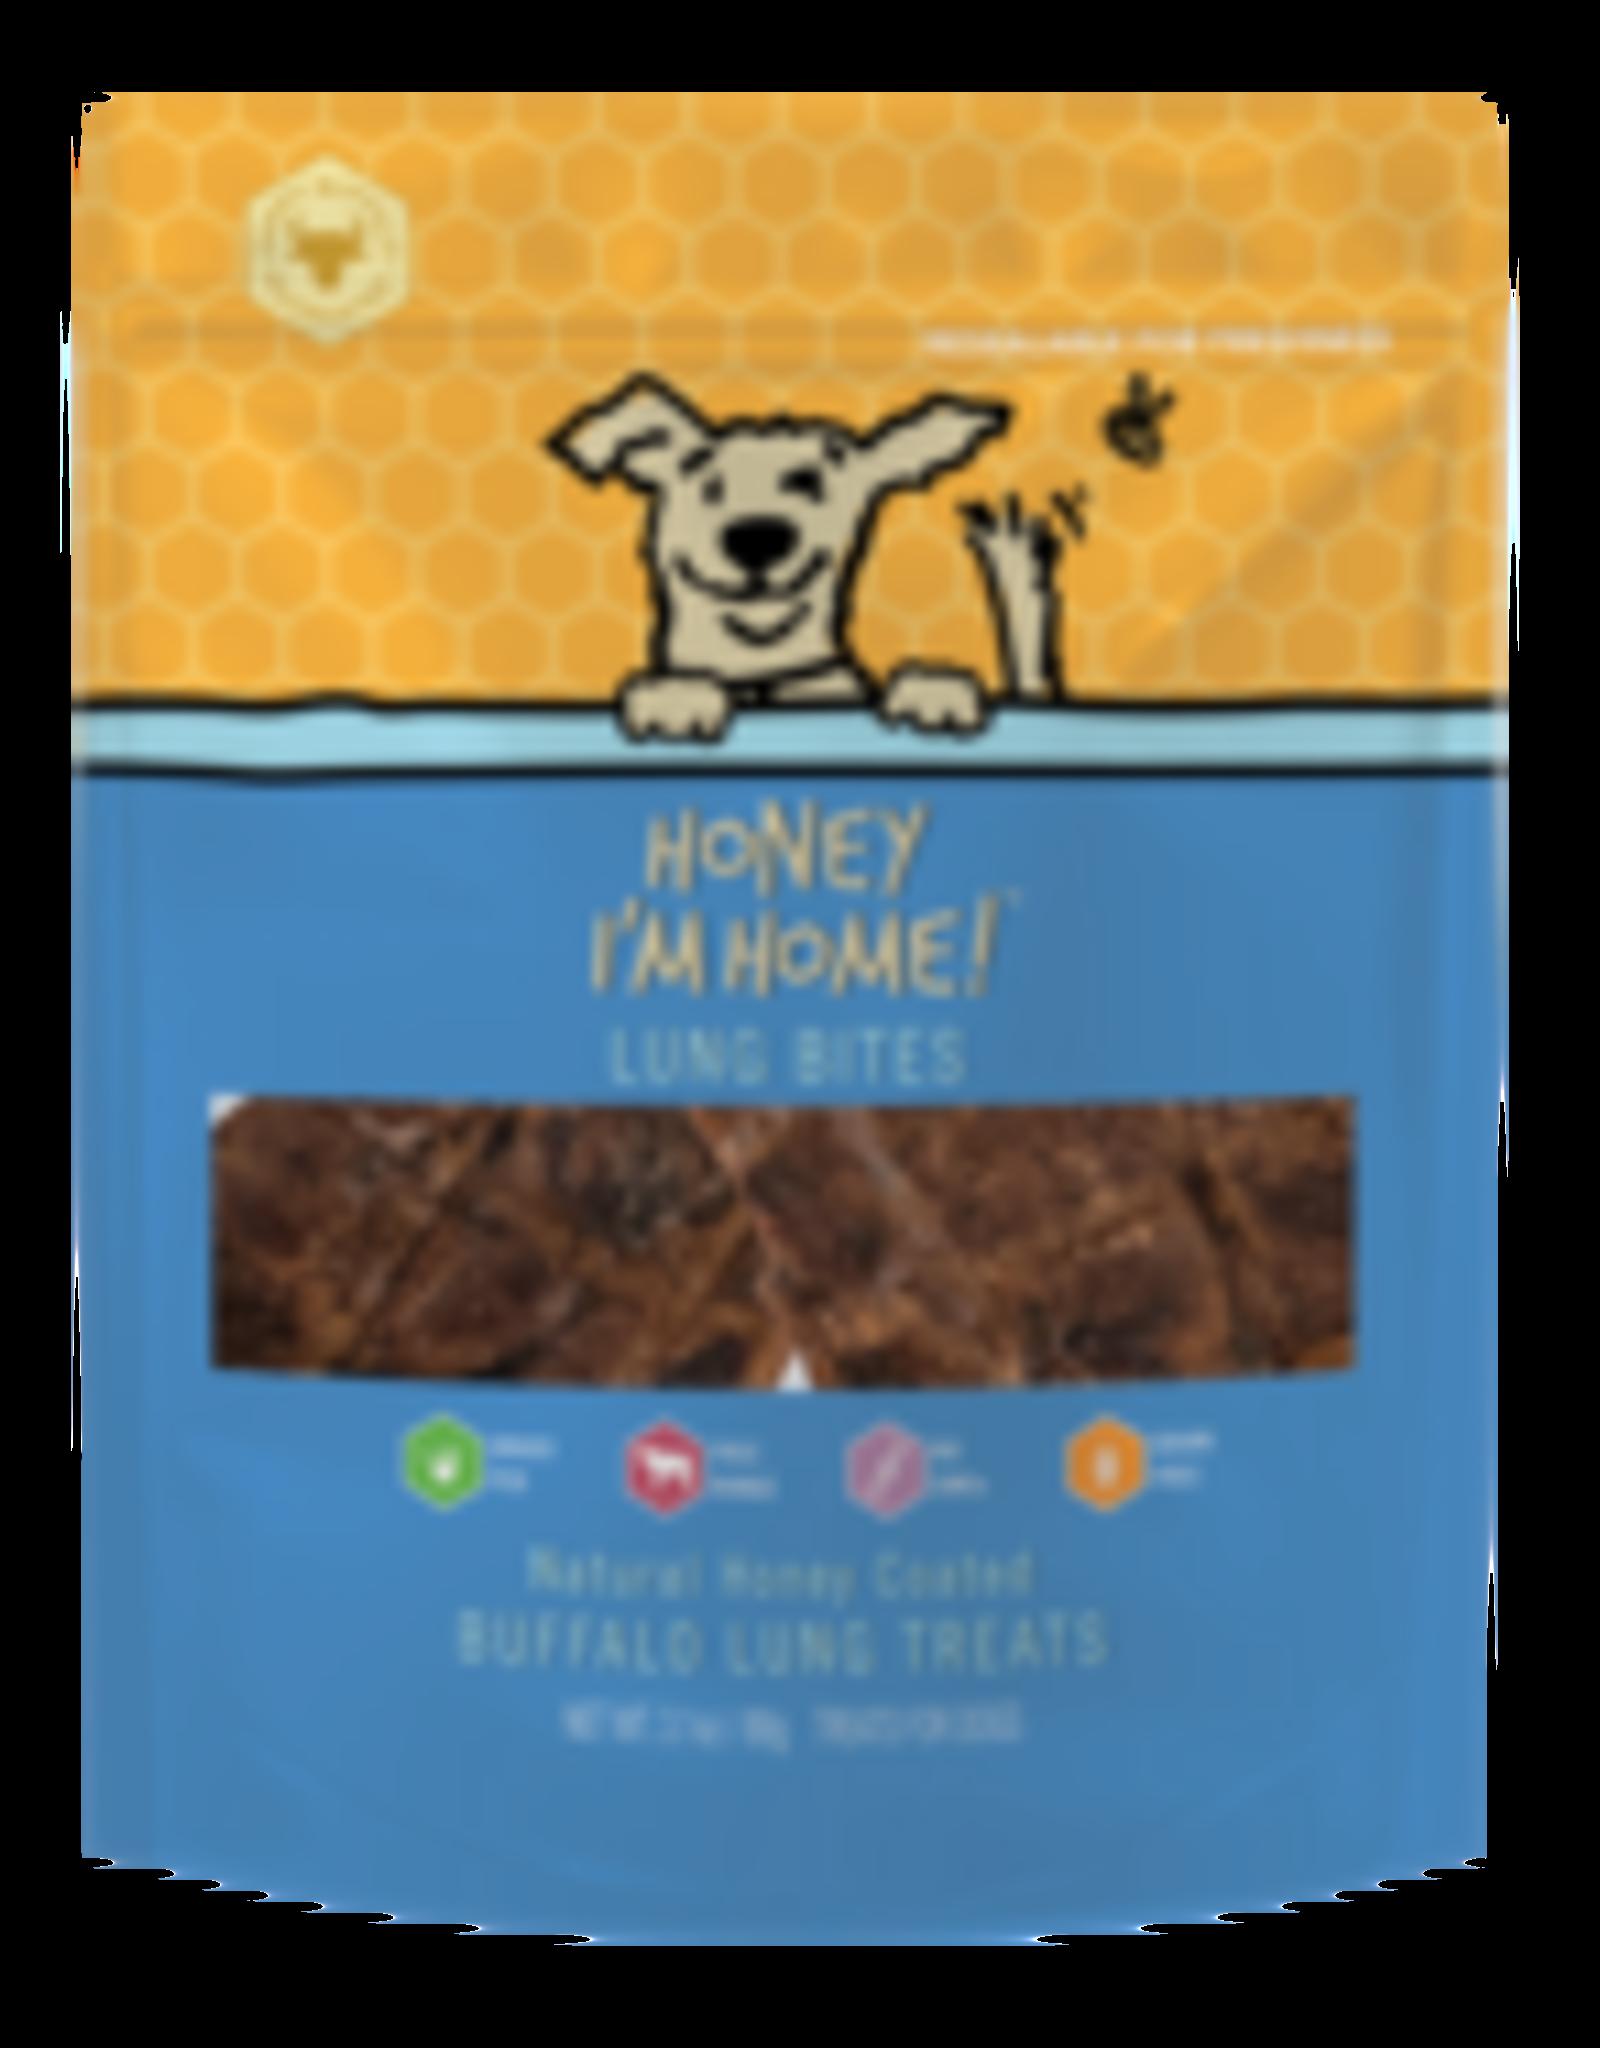 Honey I'm Home Honey I'm Home Buffalo Lung Bites 3.1oz